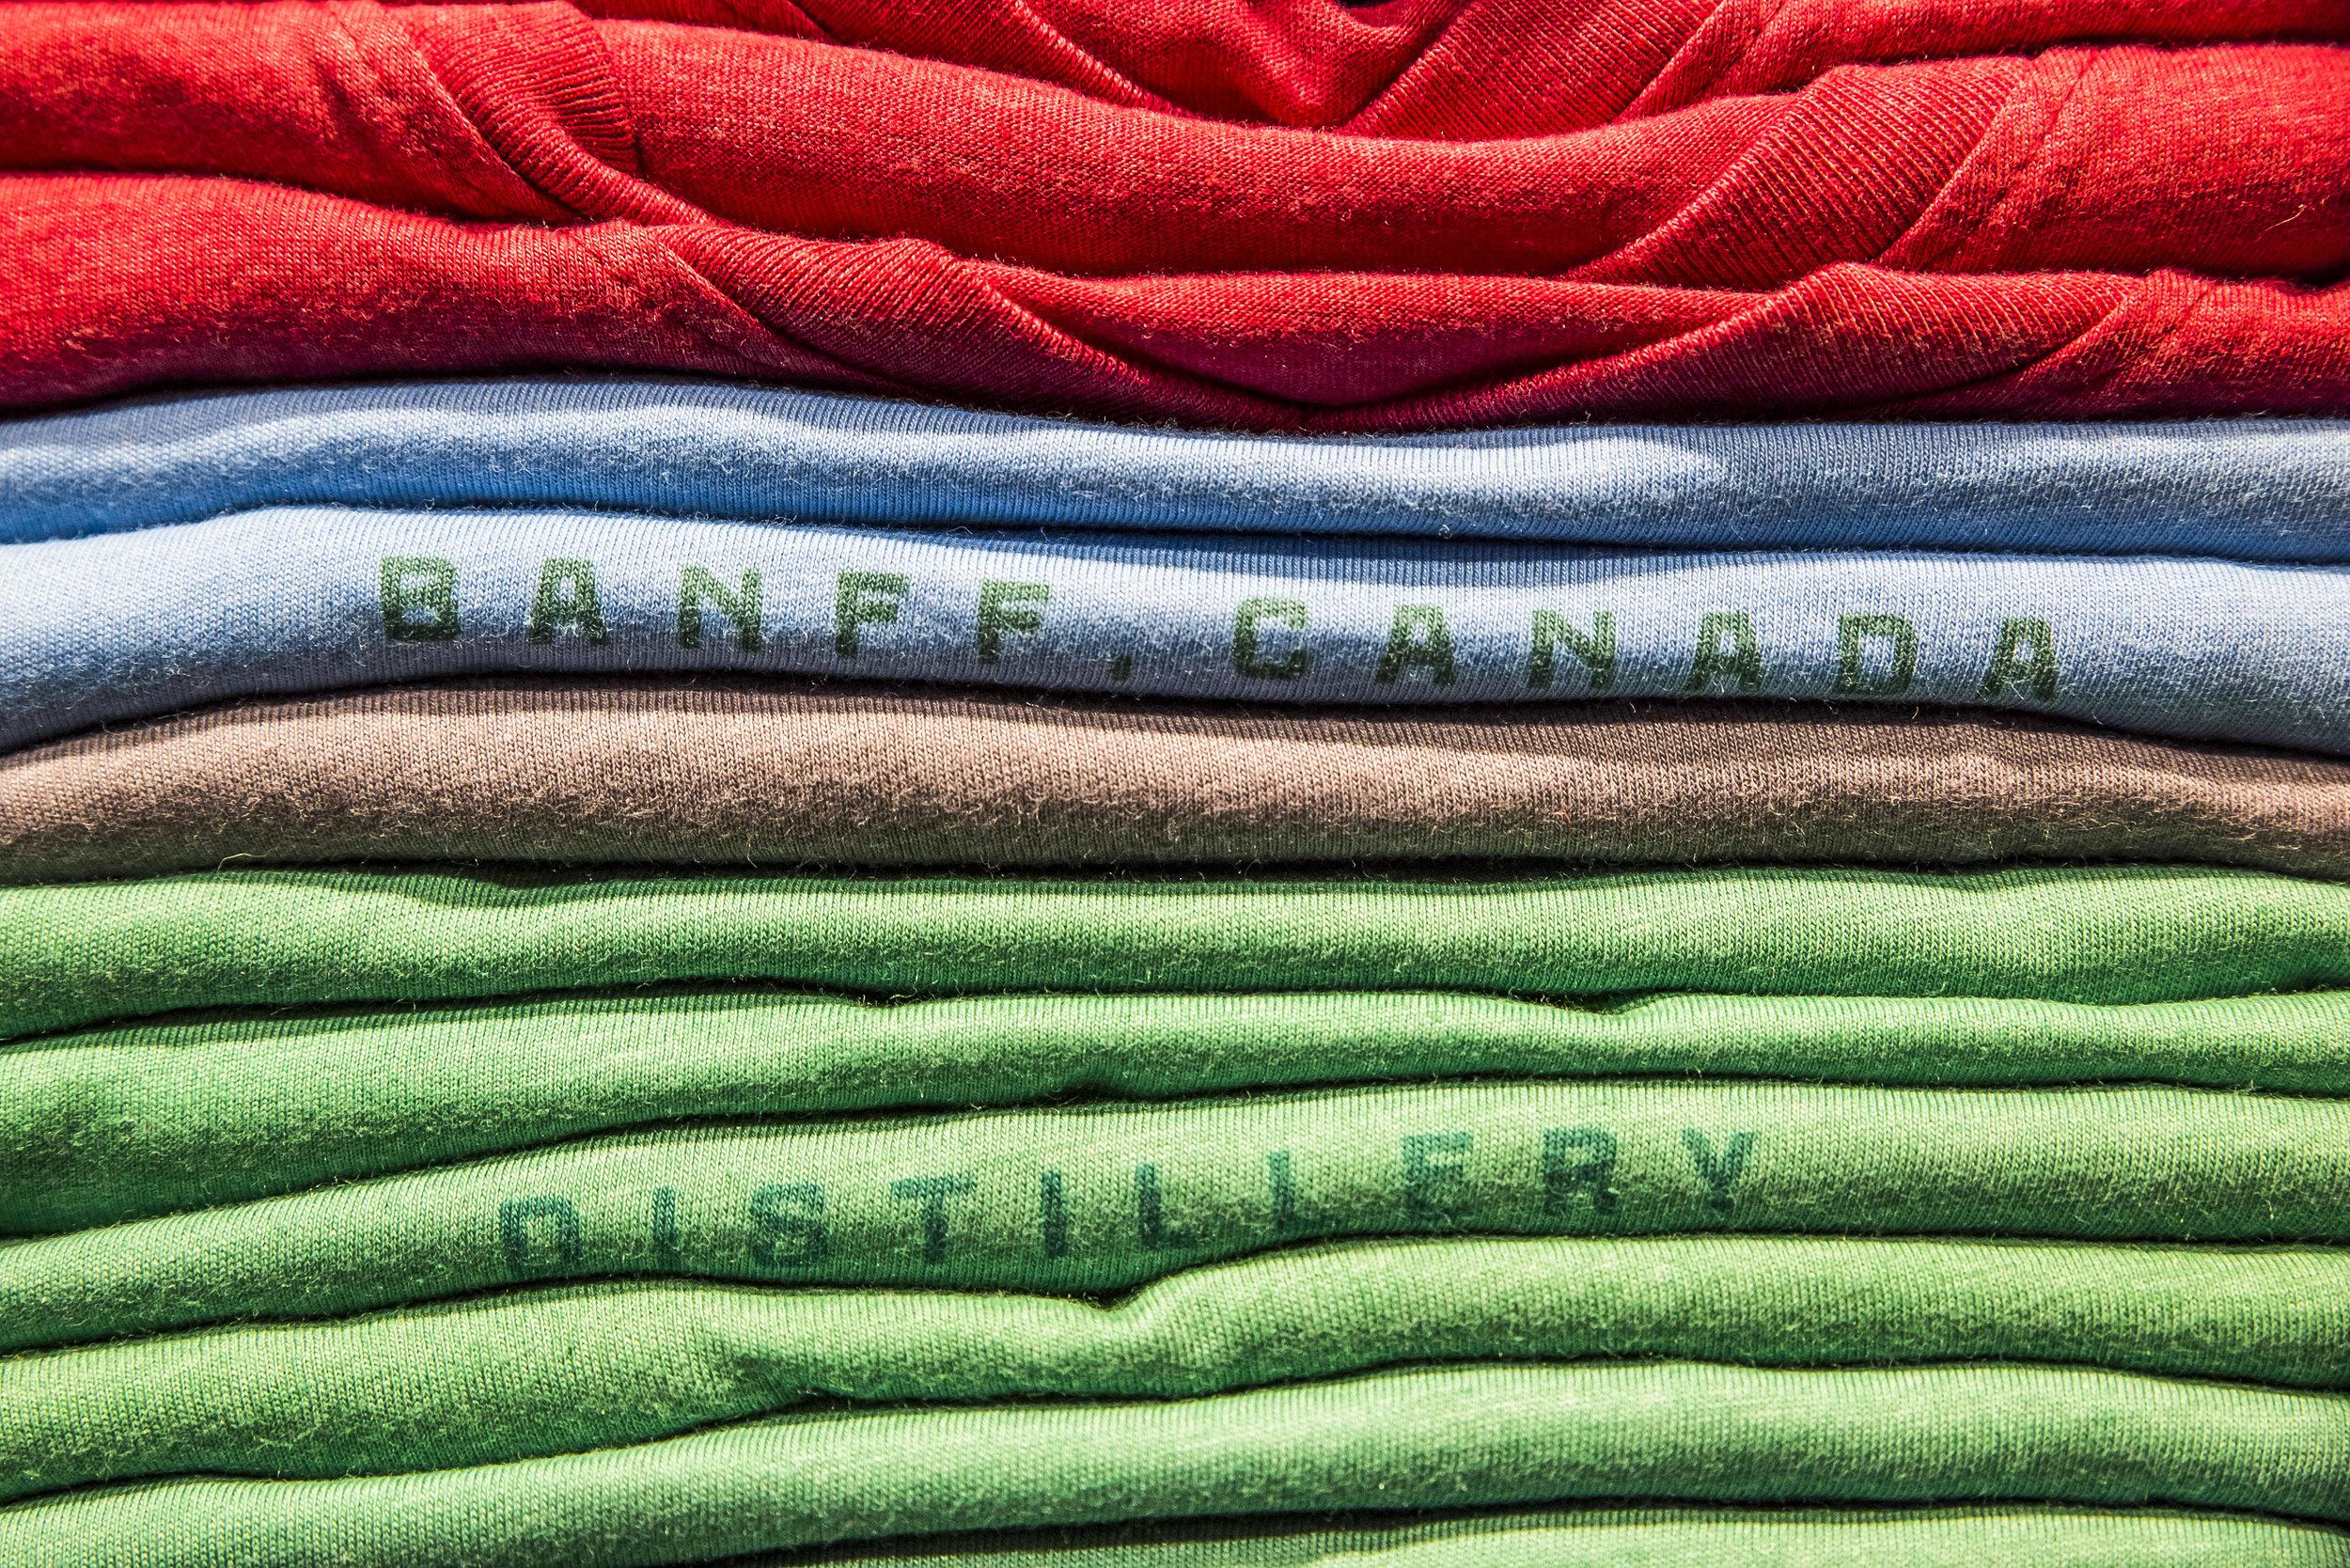 Park Distillery Hand made spirits & camping wear Banff National Park